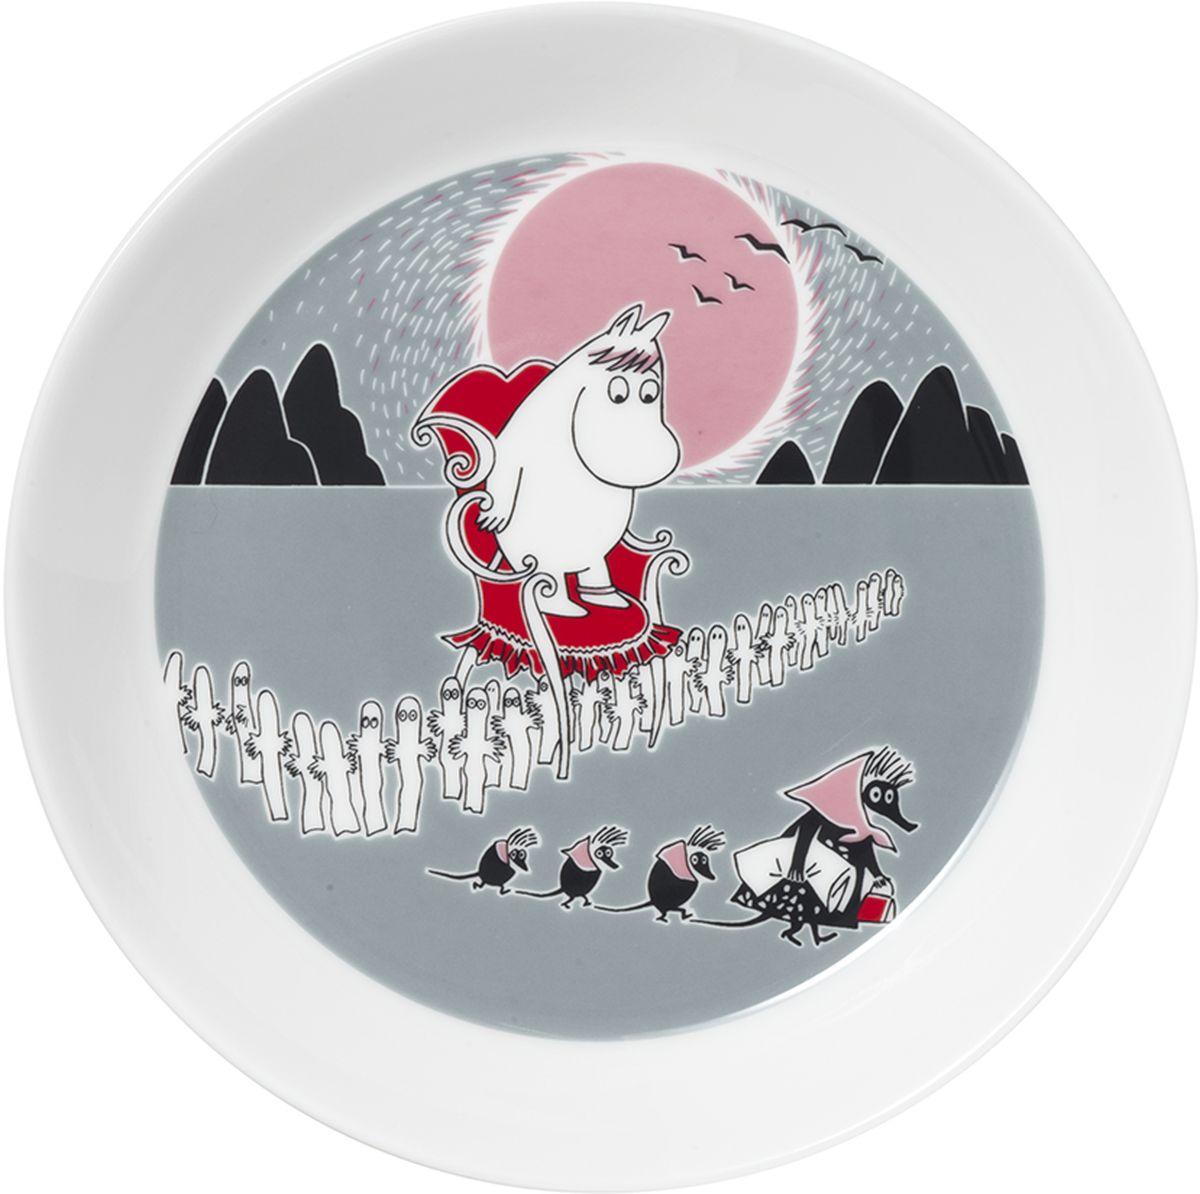 Тарелка Arabia Finland Приключение, диаметр 19 см грэхем лесли маккэлэм декоративные орнаменты и мотивы